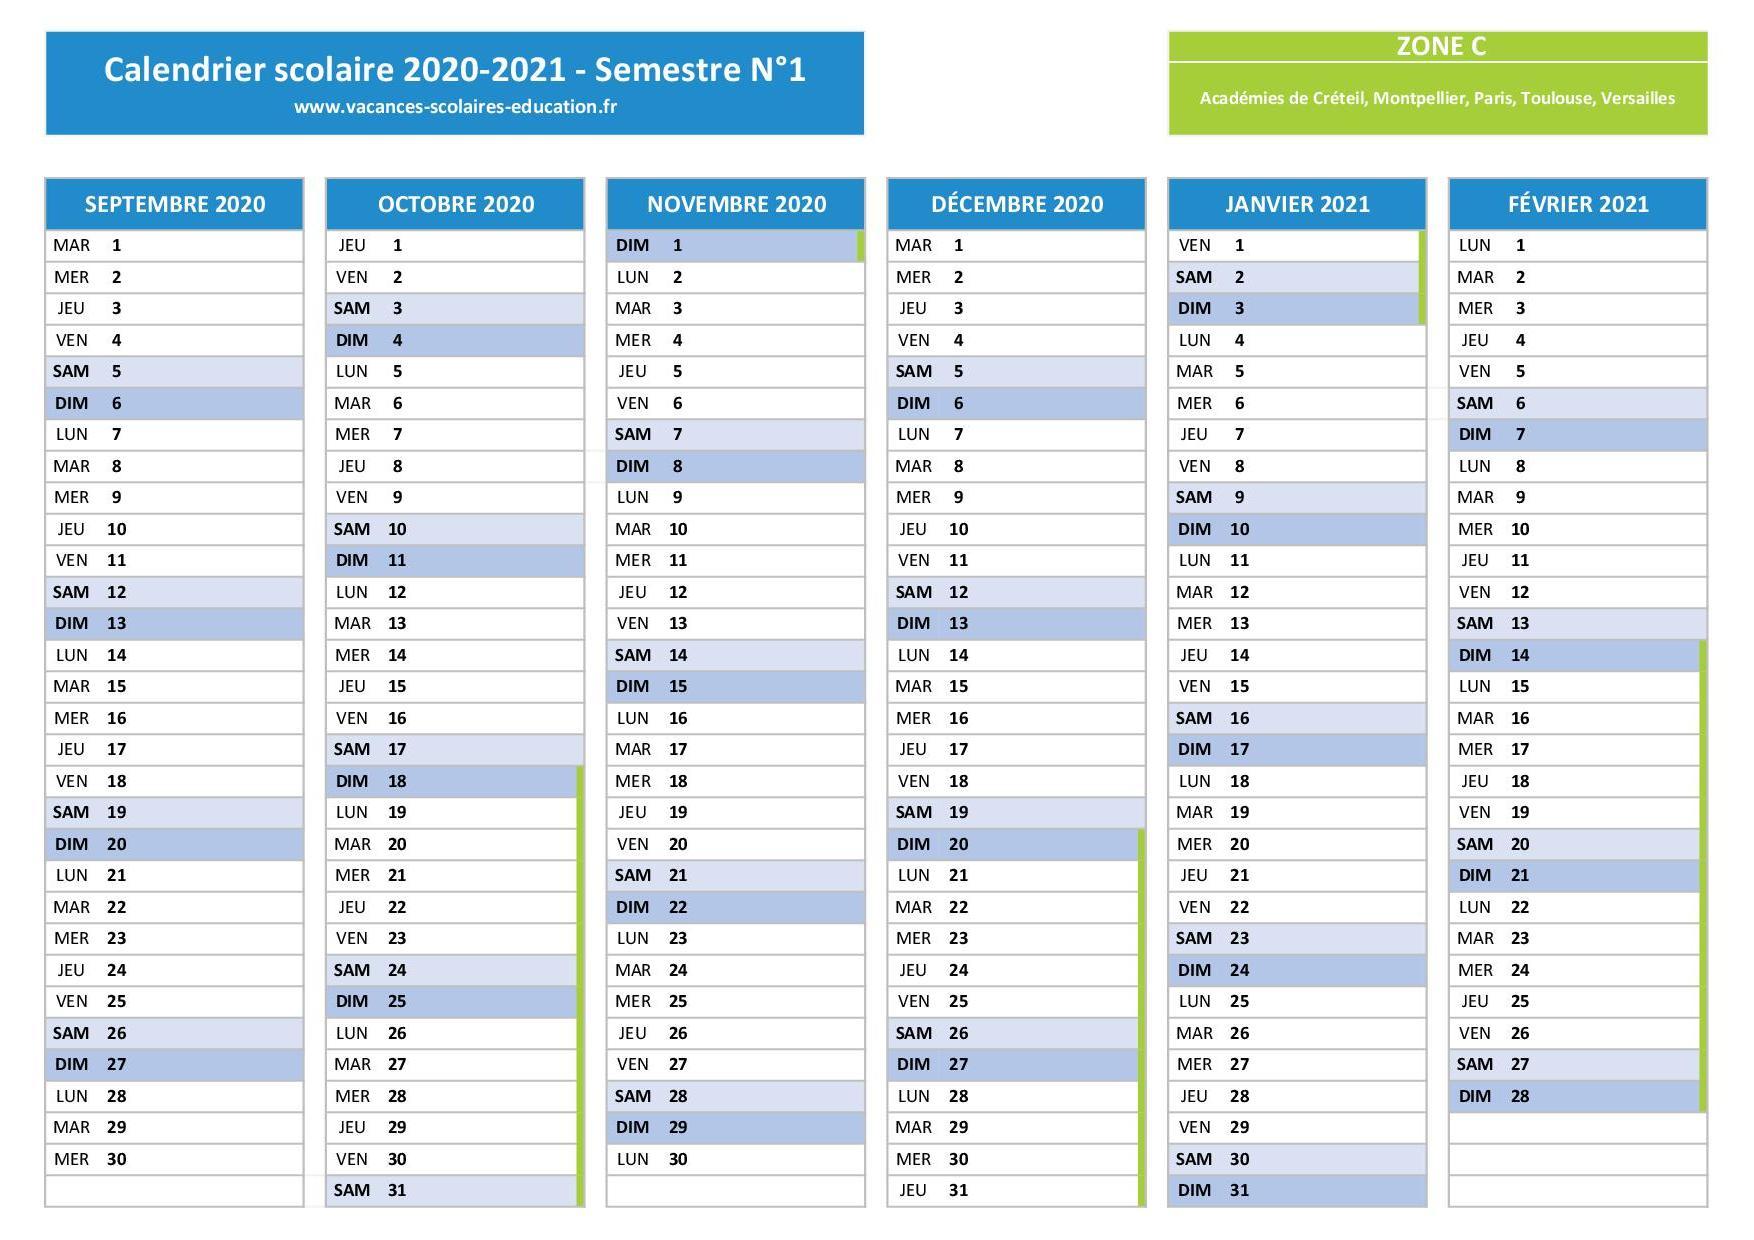 Calendrier Scolaire 2019 Et 2021 à Imprimer Zone C ZONE C : Vacances scolaires 2020 2021   Calendrier et dates